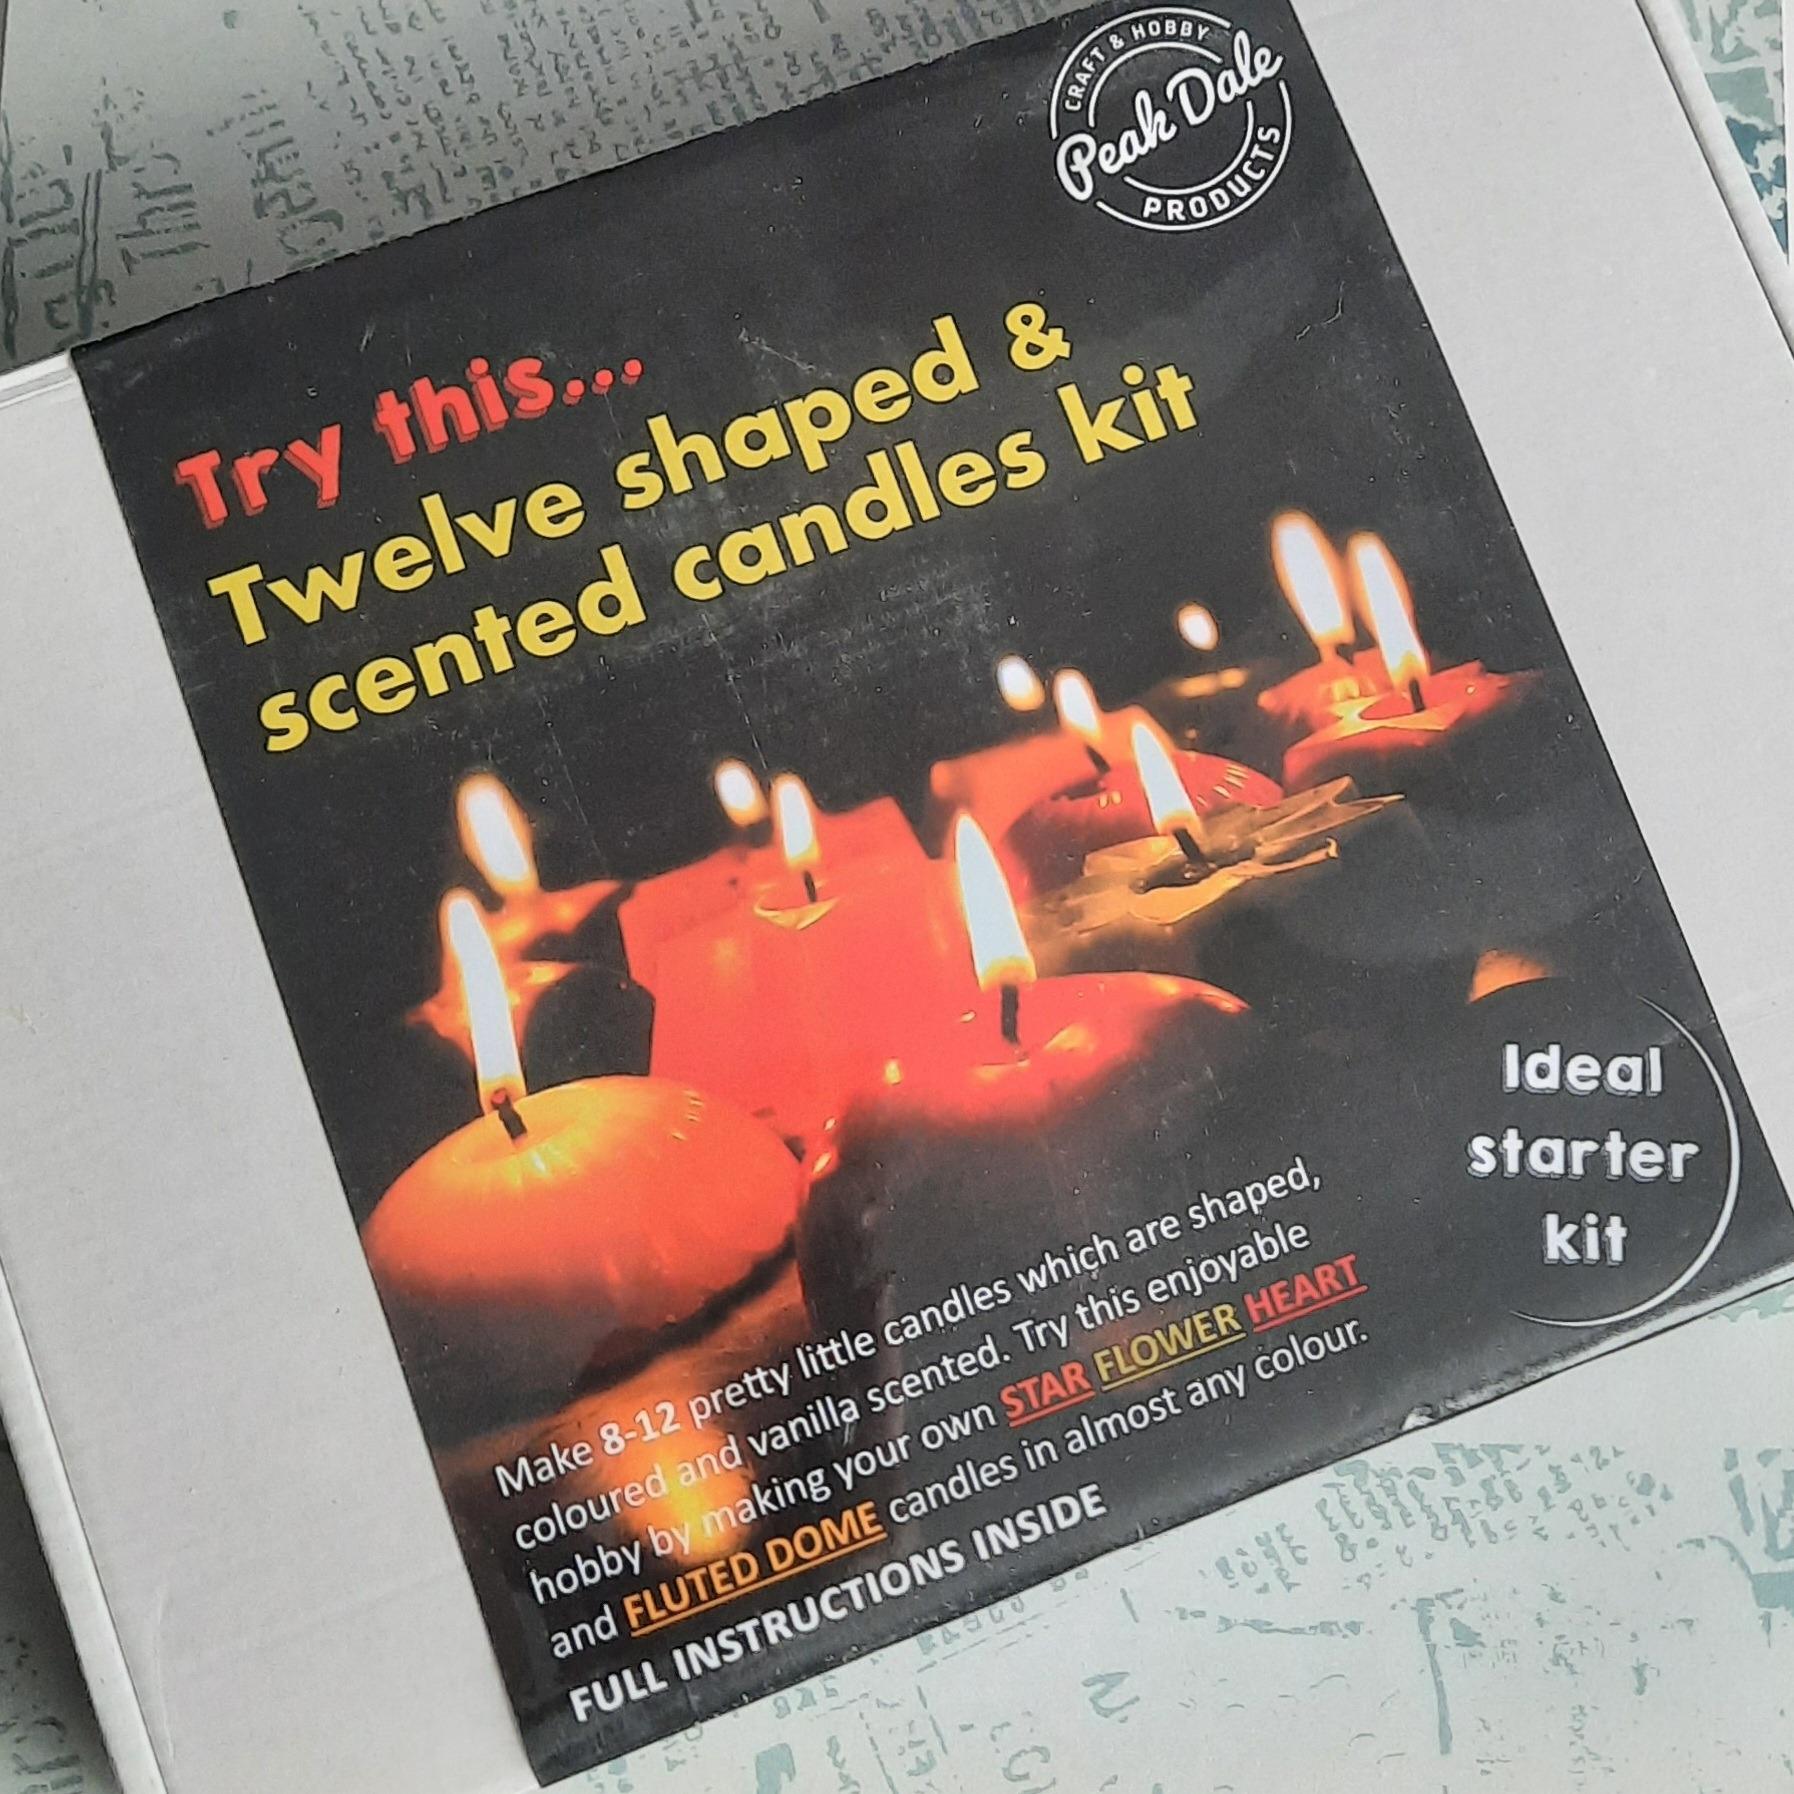 Candle Making Kit - Starter kit, makes 12